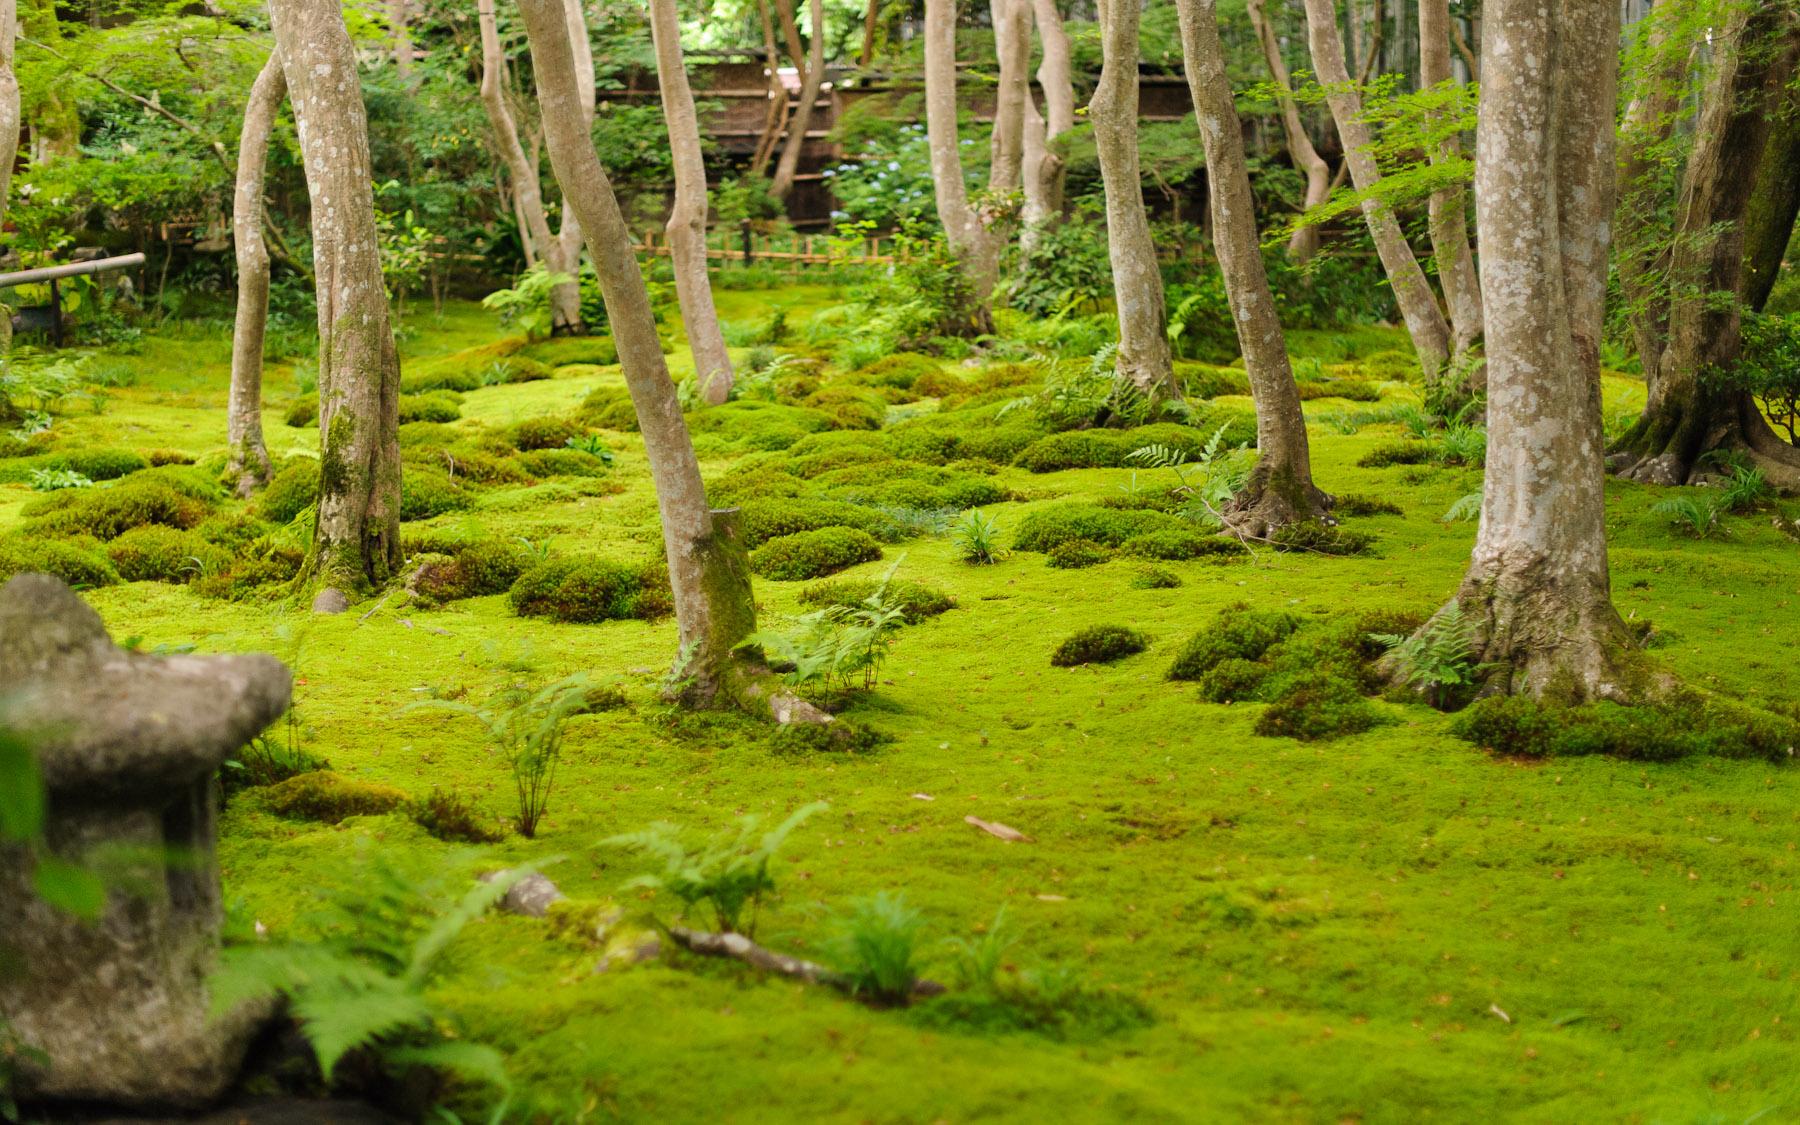 Kyoto moss garden garden ftempo - Moosgarten kyoto ...